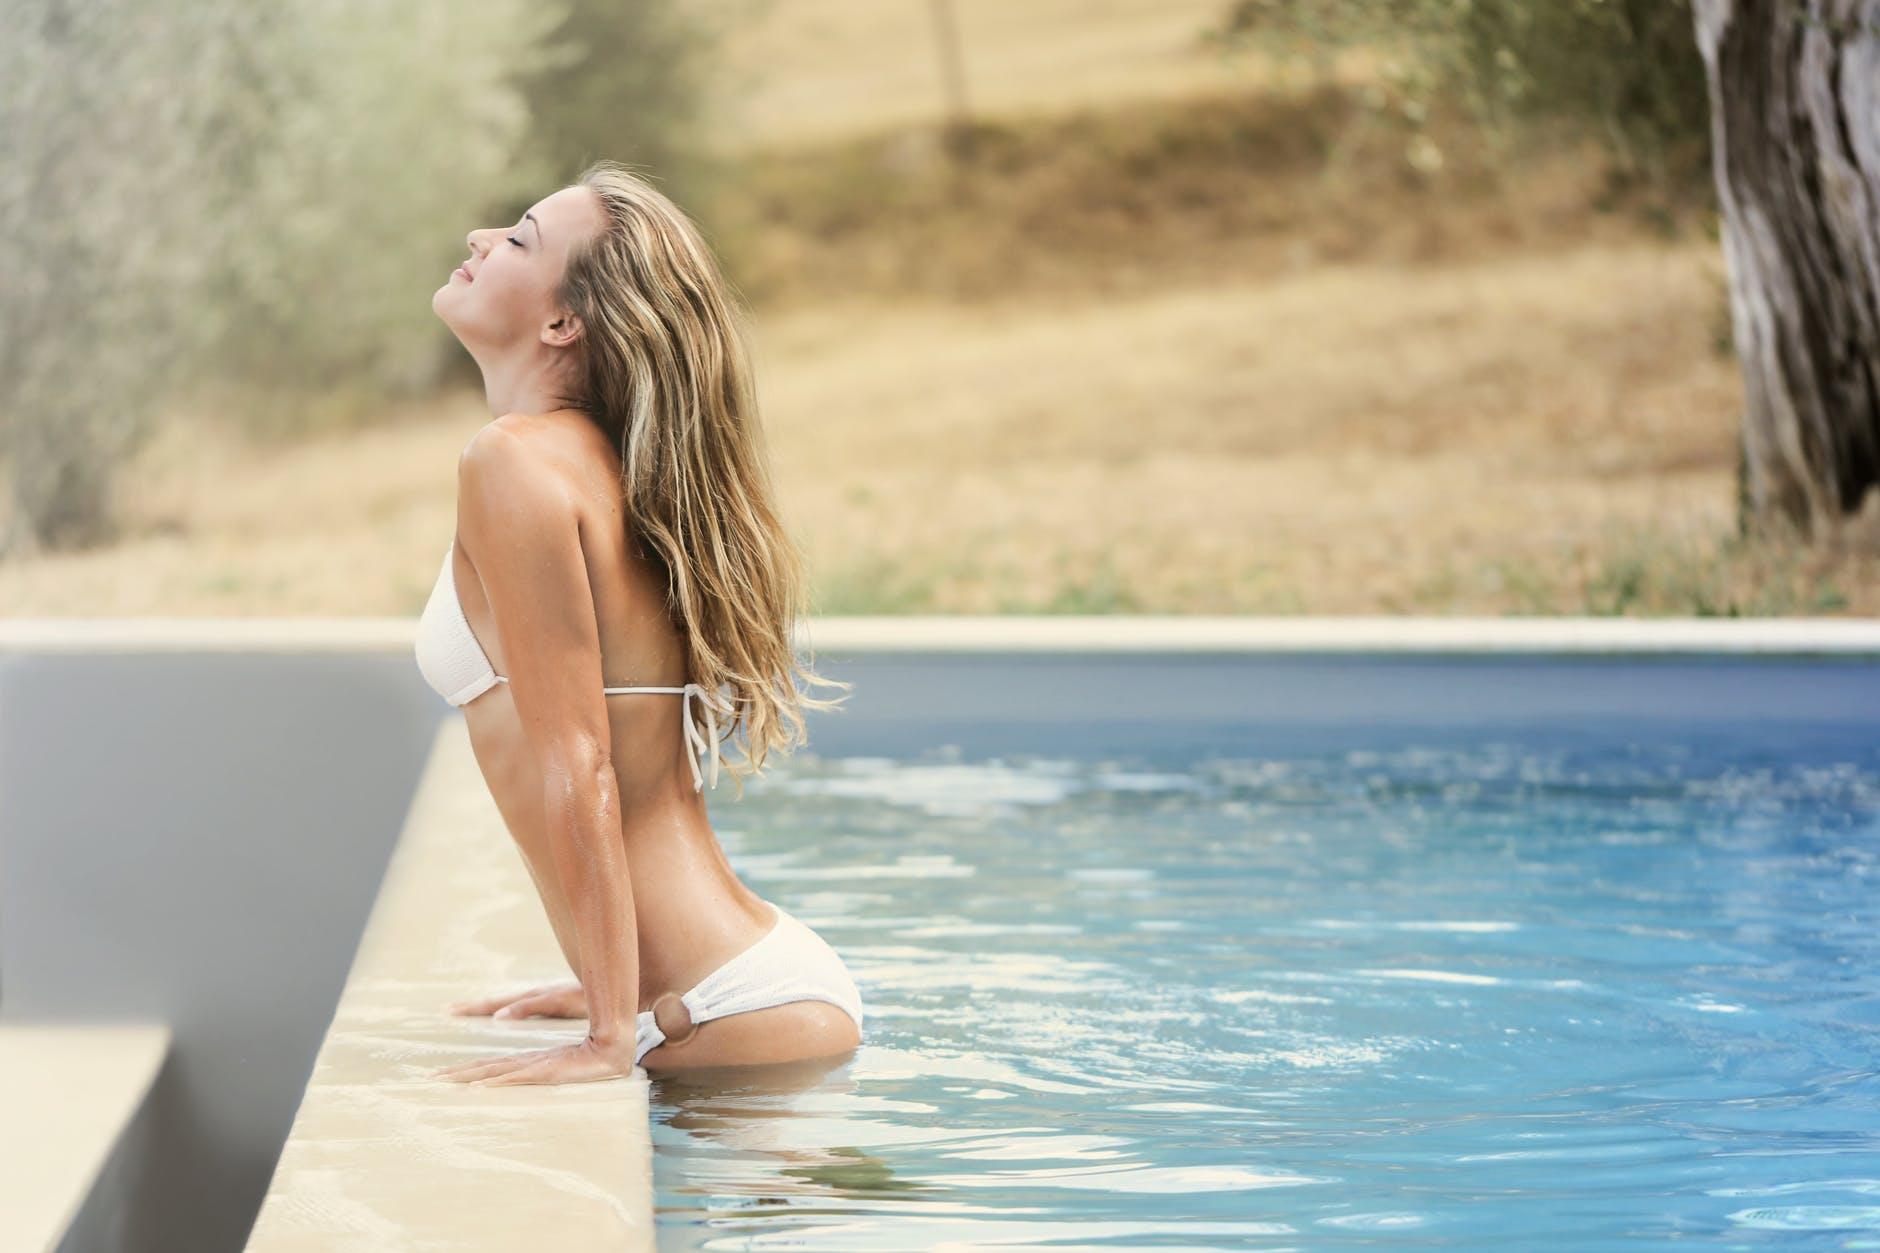 Sprays capillaires protecteurs de soleil : comment bien les utiliser ?